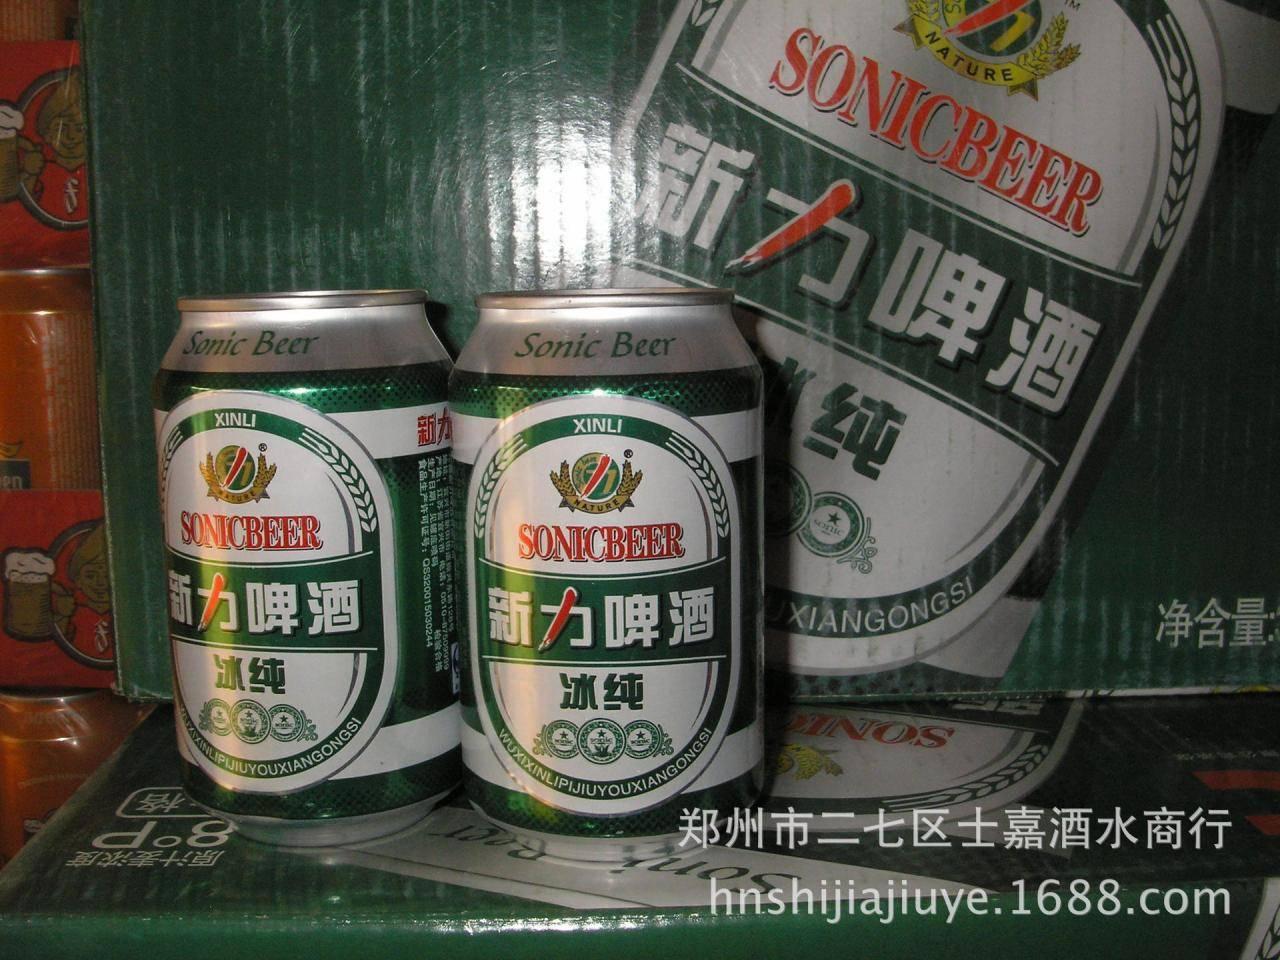 山水啤酒8度价格-一瓶山水啤酒的酒精度-大麦丫-精酿啤酒连锁超市,工厂店平价酒吧免费加盟